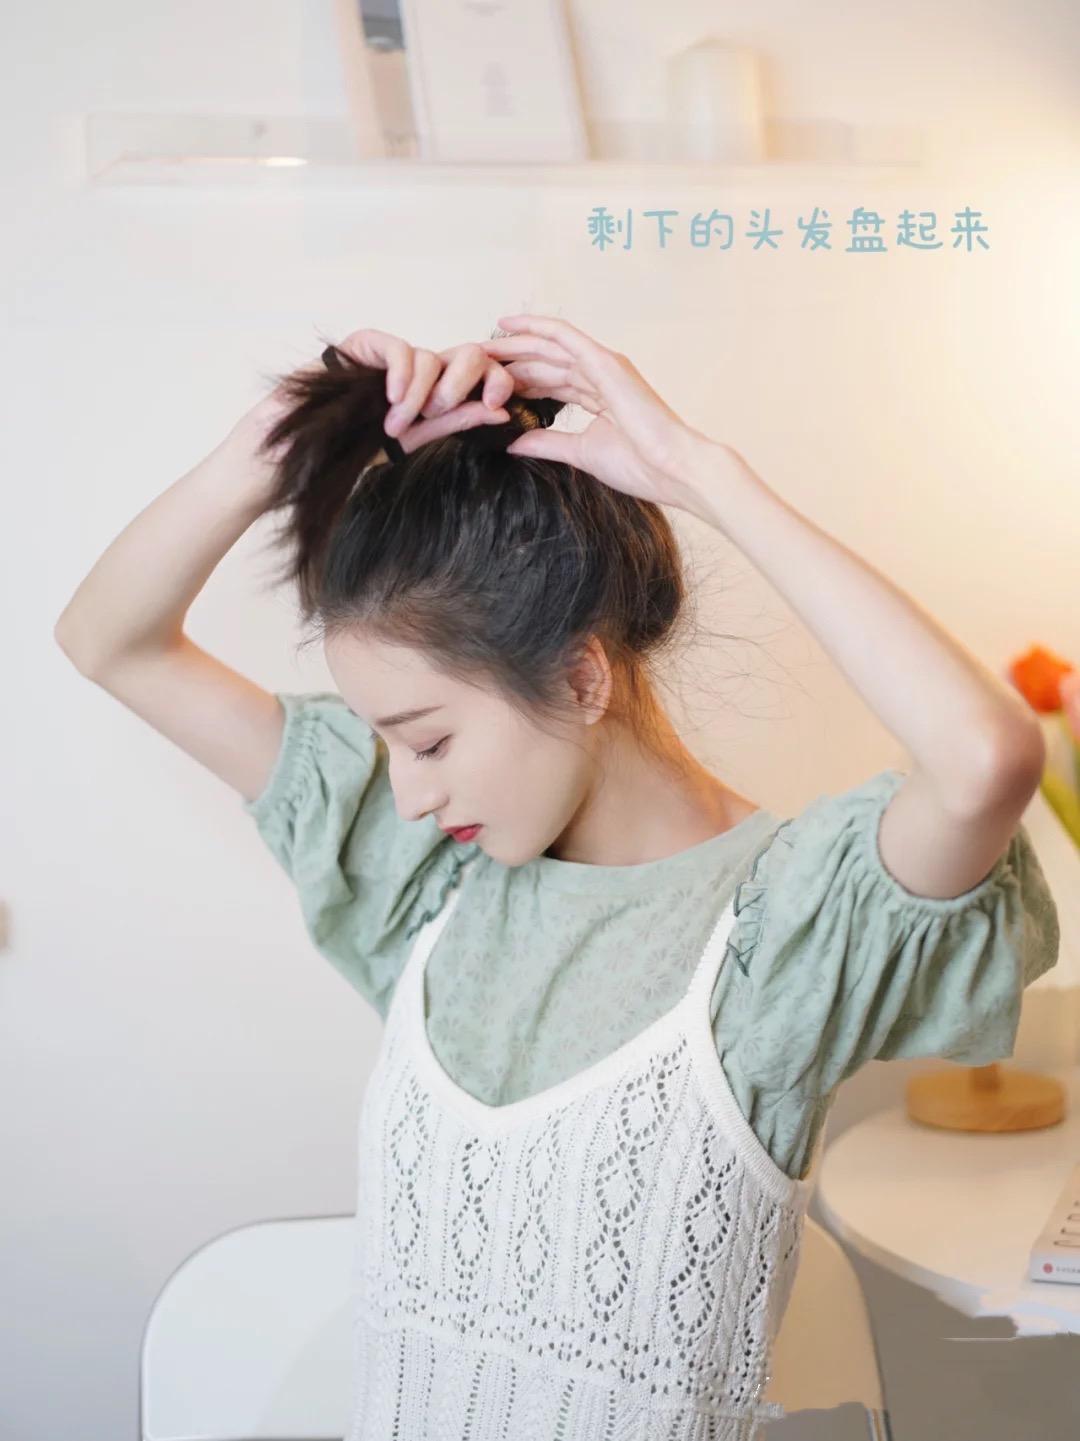 怎样盘头发既简单又好看蓬松,学着这样做,优雅大方女人味十足 盘头发 第4张